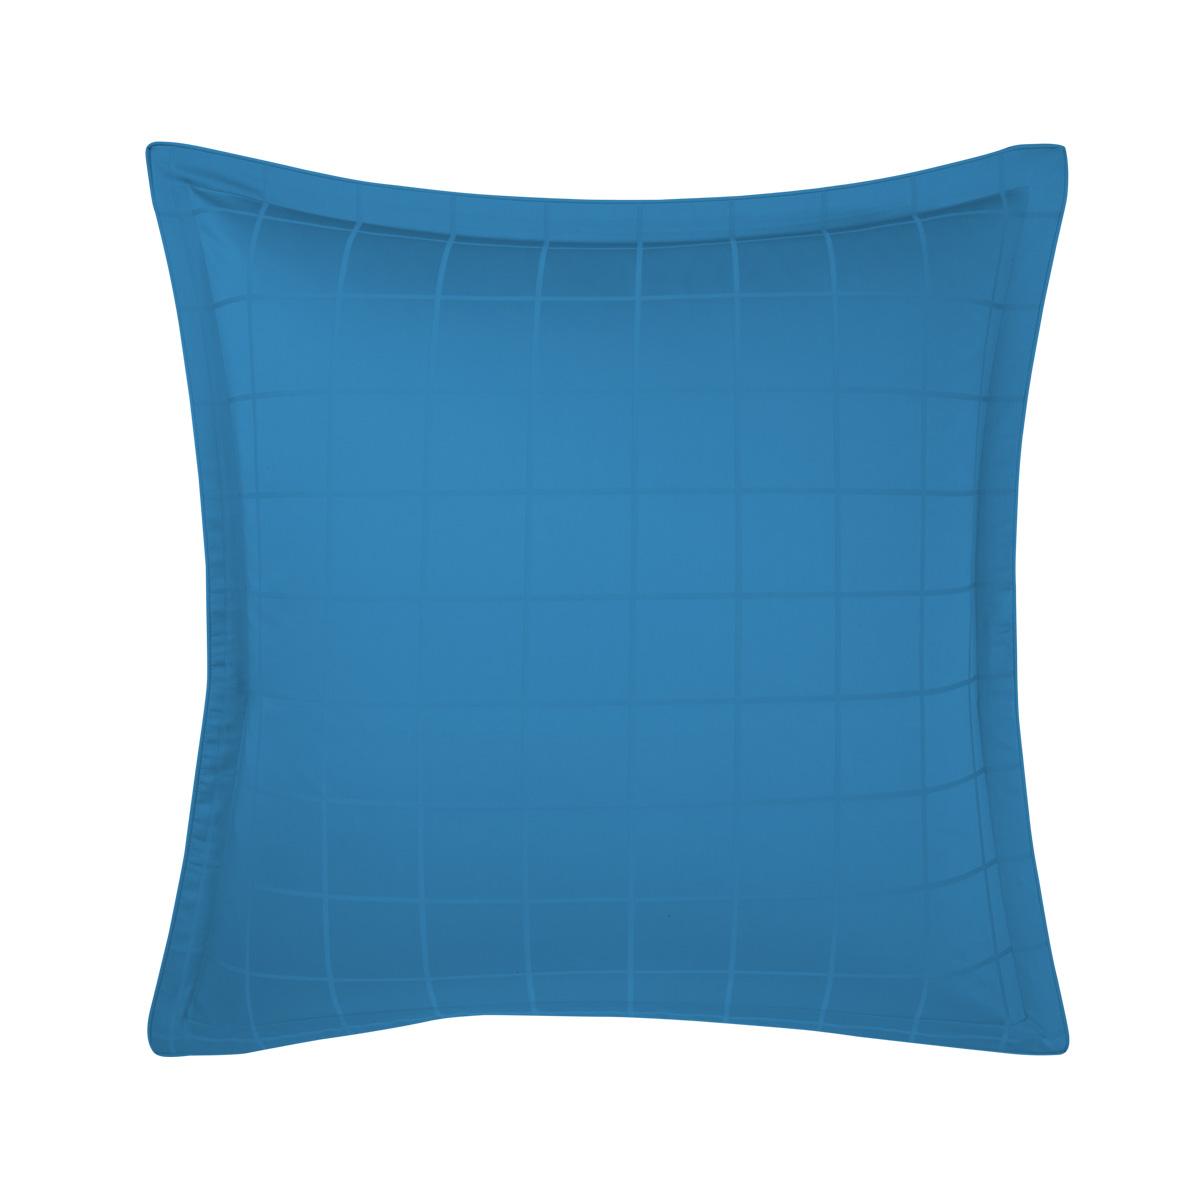 Taie d'oreiller satin Bleu 65 x 65 cm